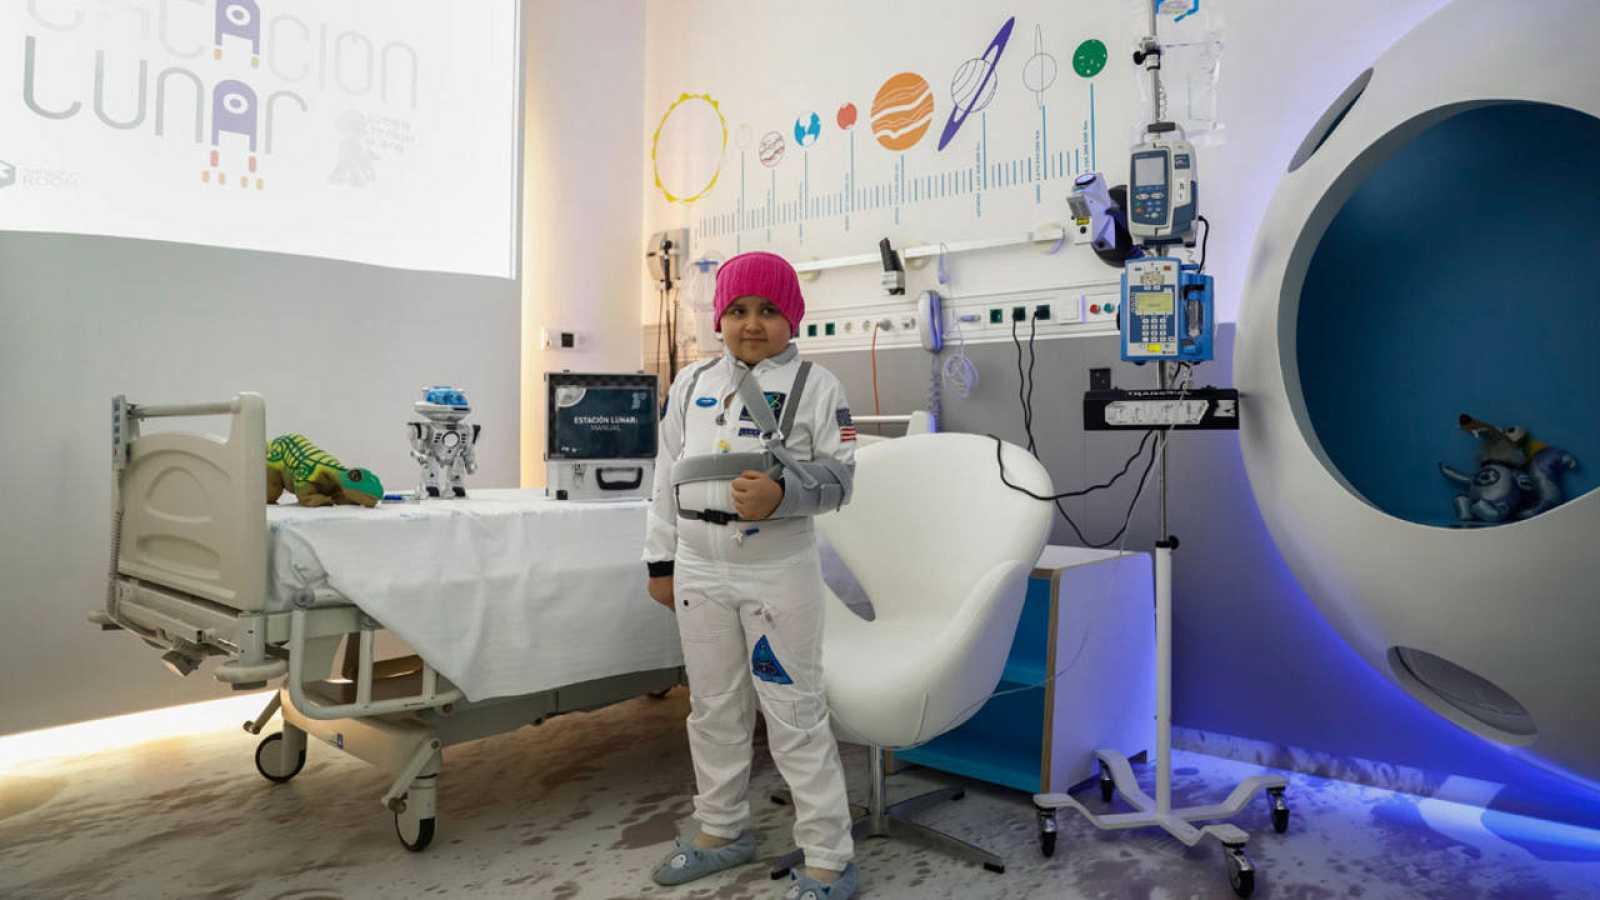 Una de las habitaciones de aislamiento del Hospital Materno Infantil del Gregorio Marañón que recrean una estación lunar